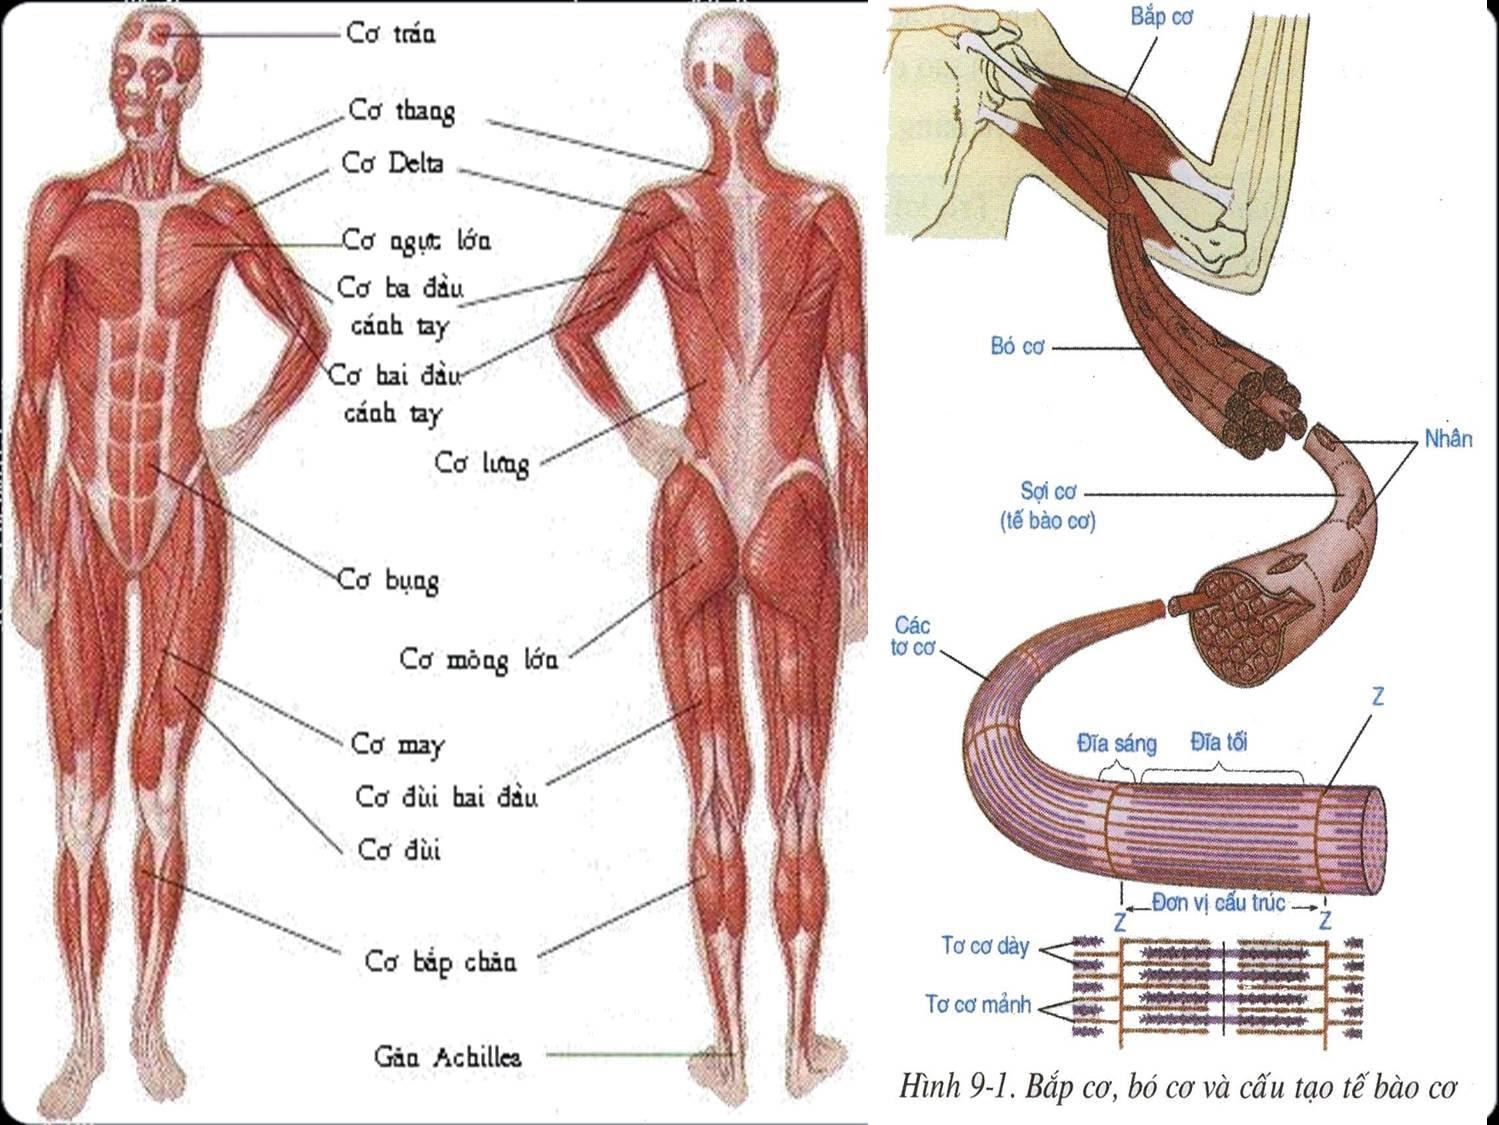 Hệ cơ và cấu tạo bắp cơ, tế bào cơ